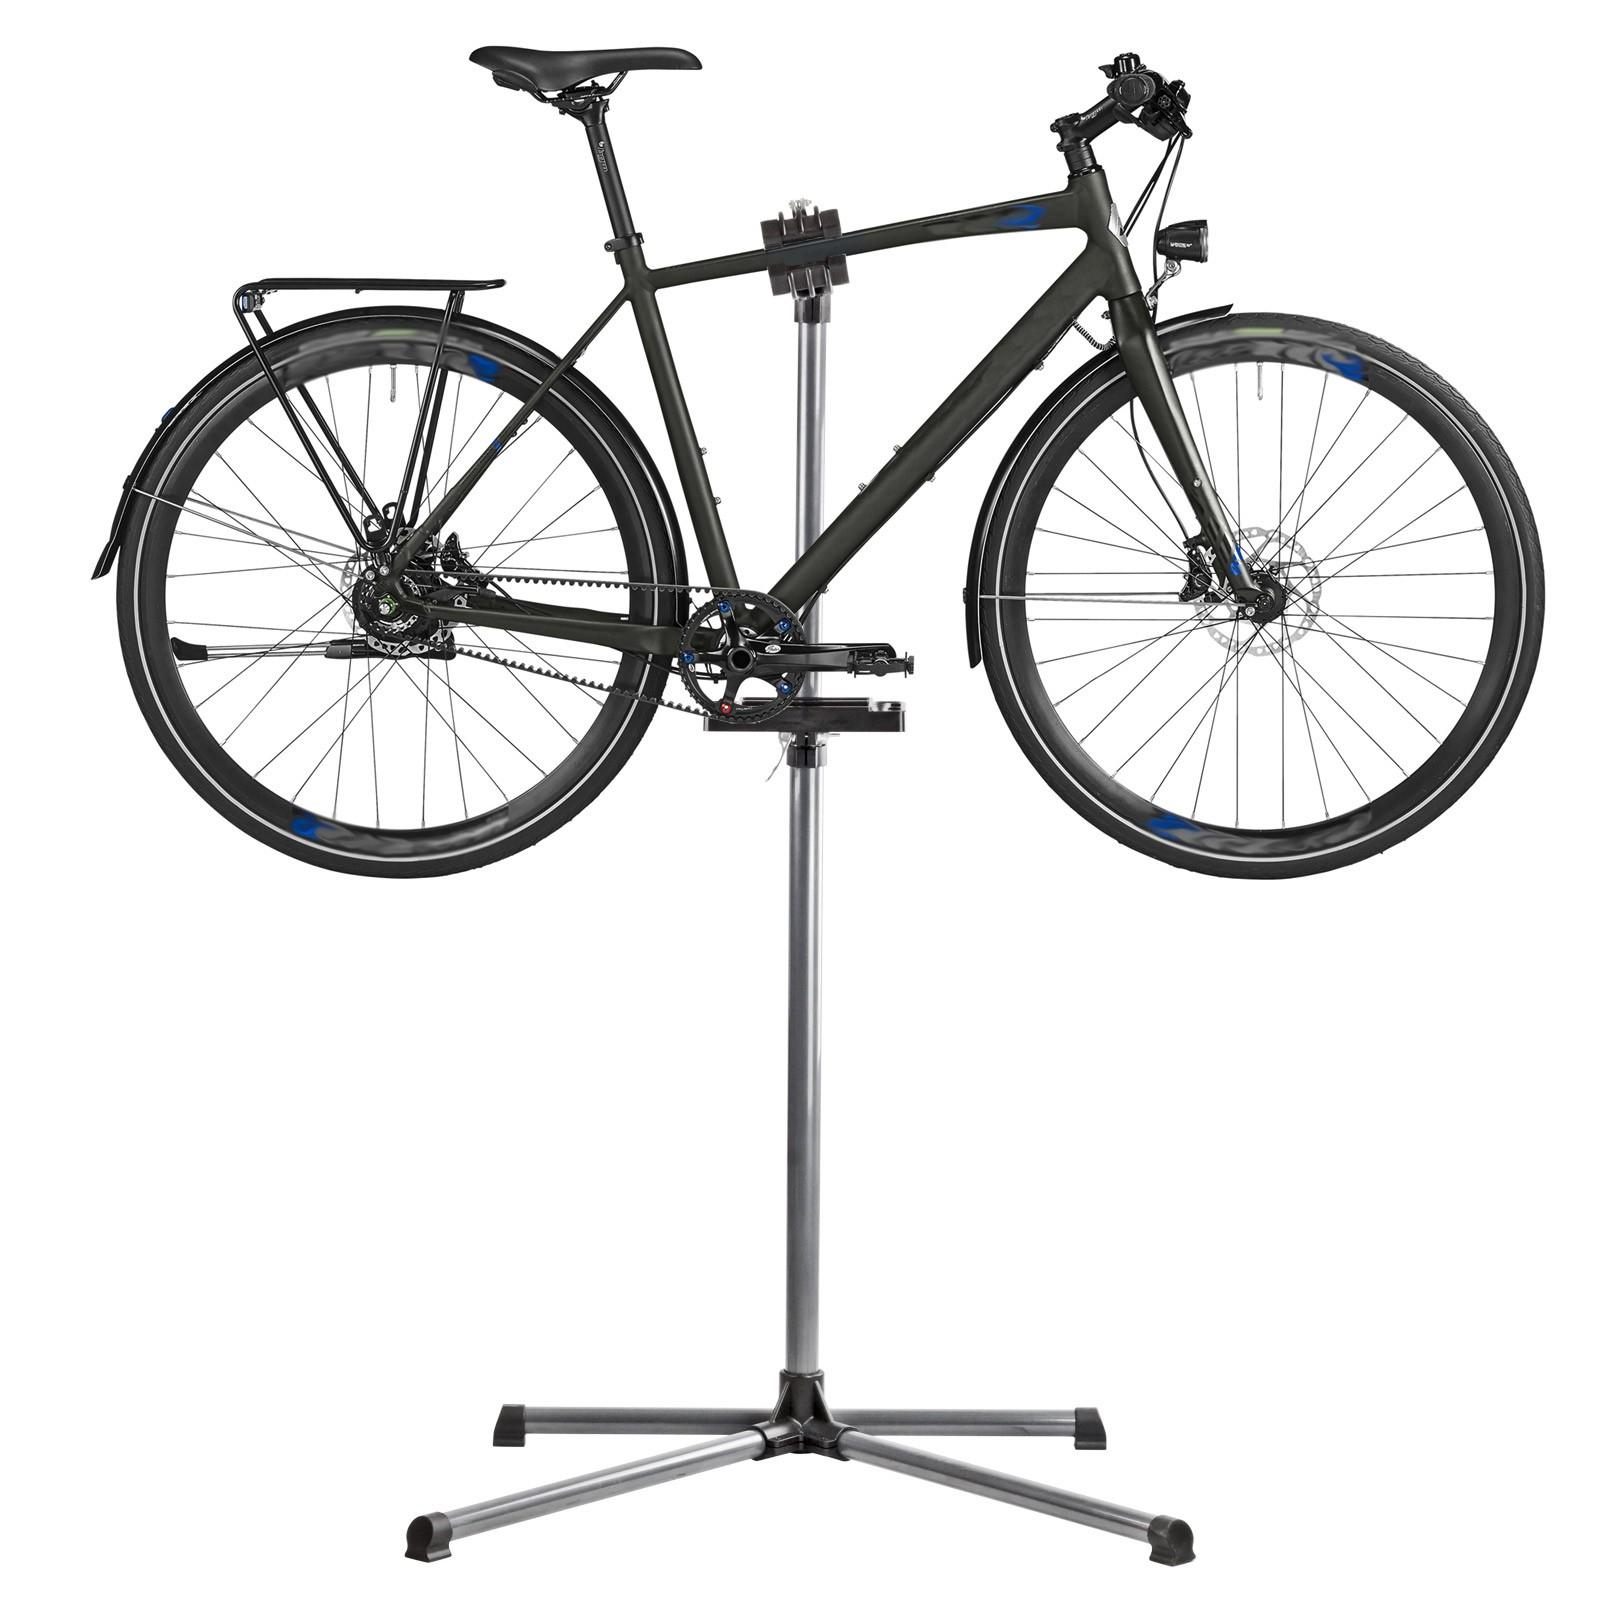 Fahrradreparatur & Werkzeug Fahrradständer Fahrradmontageständer Montageständer PROFI 360°verstellbar Eufab Montageständer